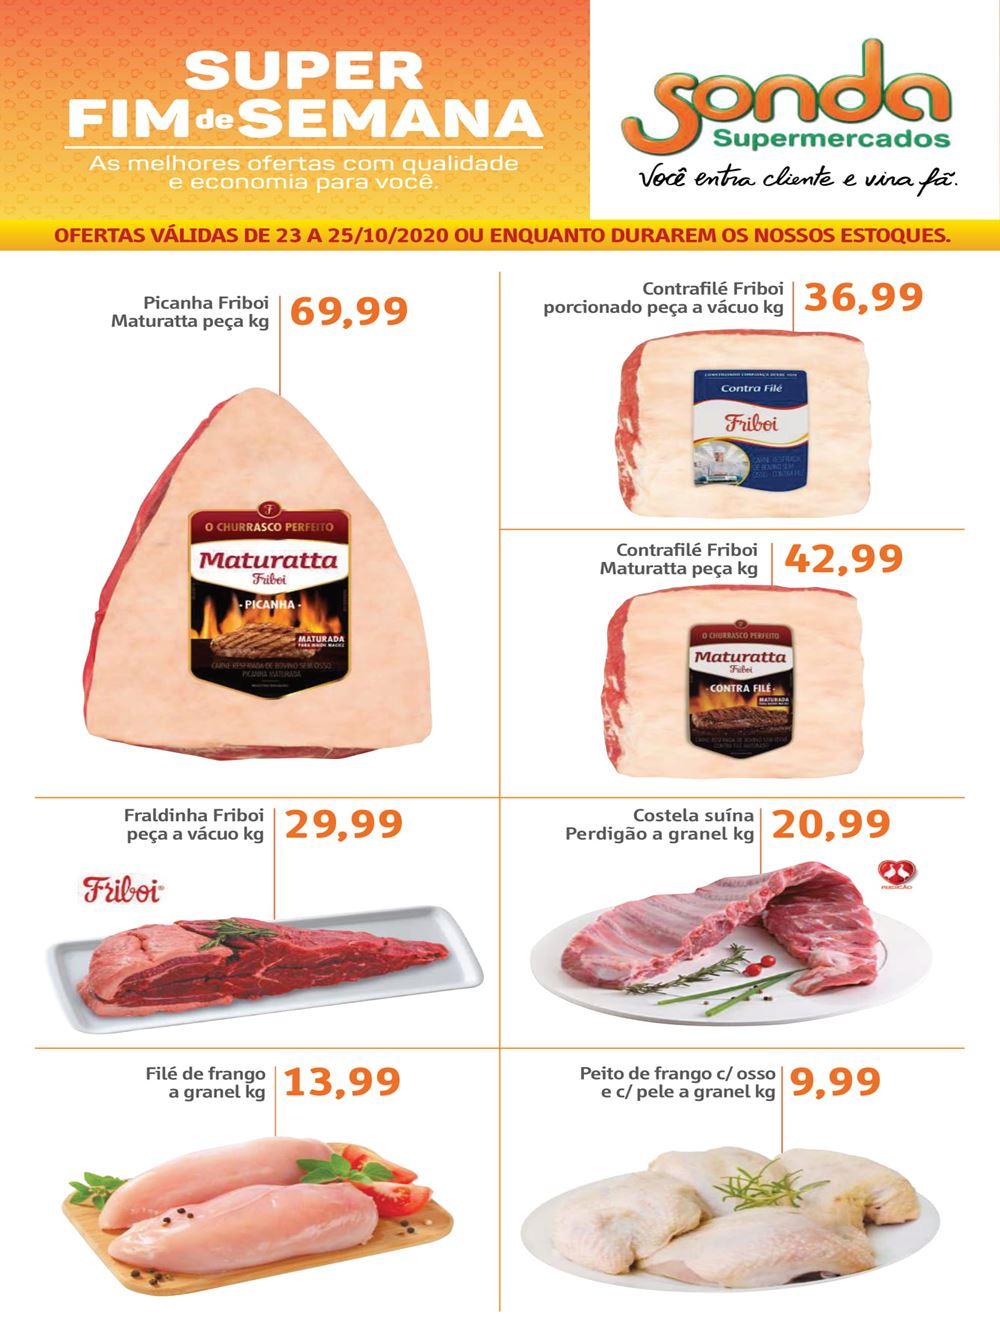 sonda-ofertas-descontos-hoje1-18 Ofertas de supermercados - Economize